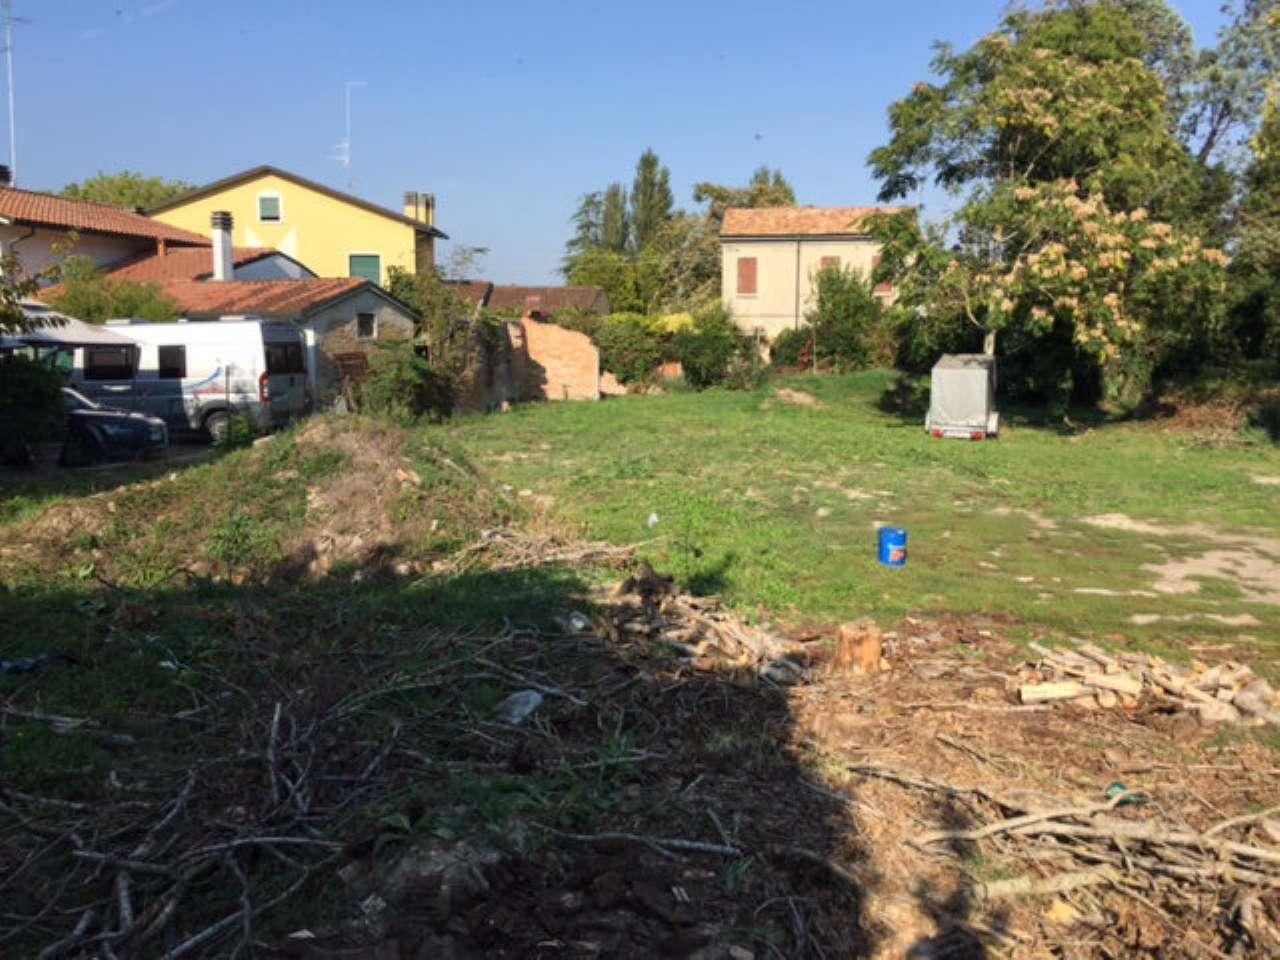 Terreno Edificabile Residenziale in vendita a Ravenna, 9999 locali, prezzo € 130.000   CambioCasa.it